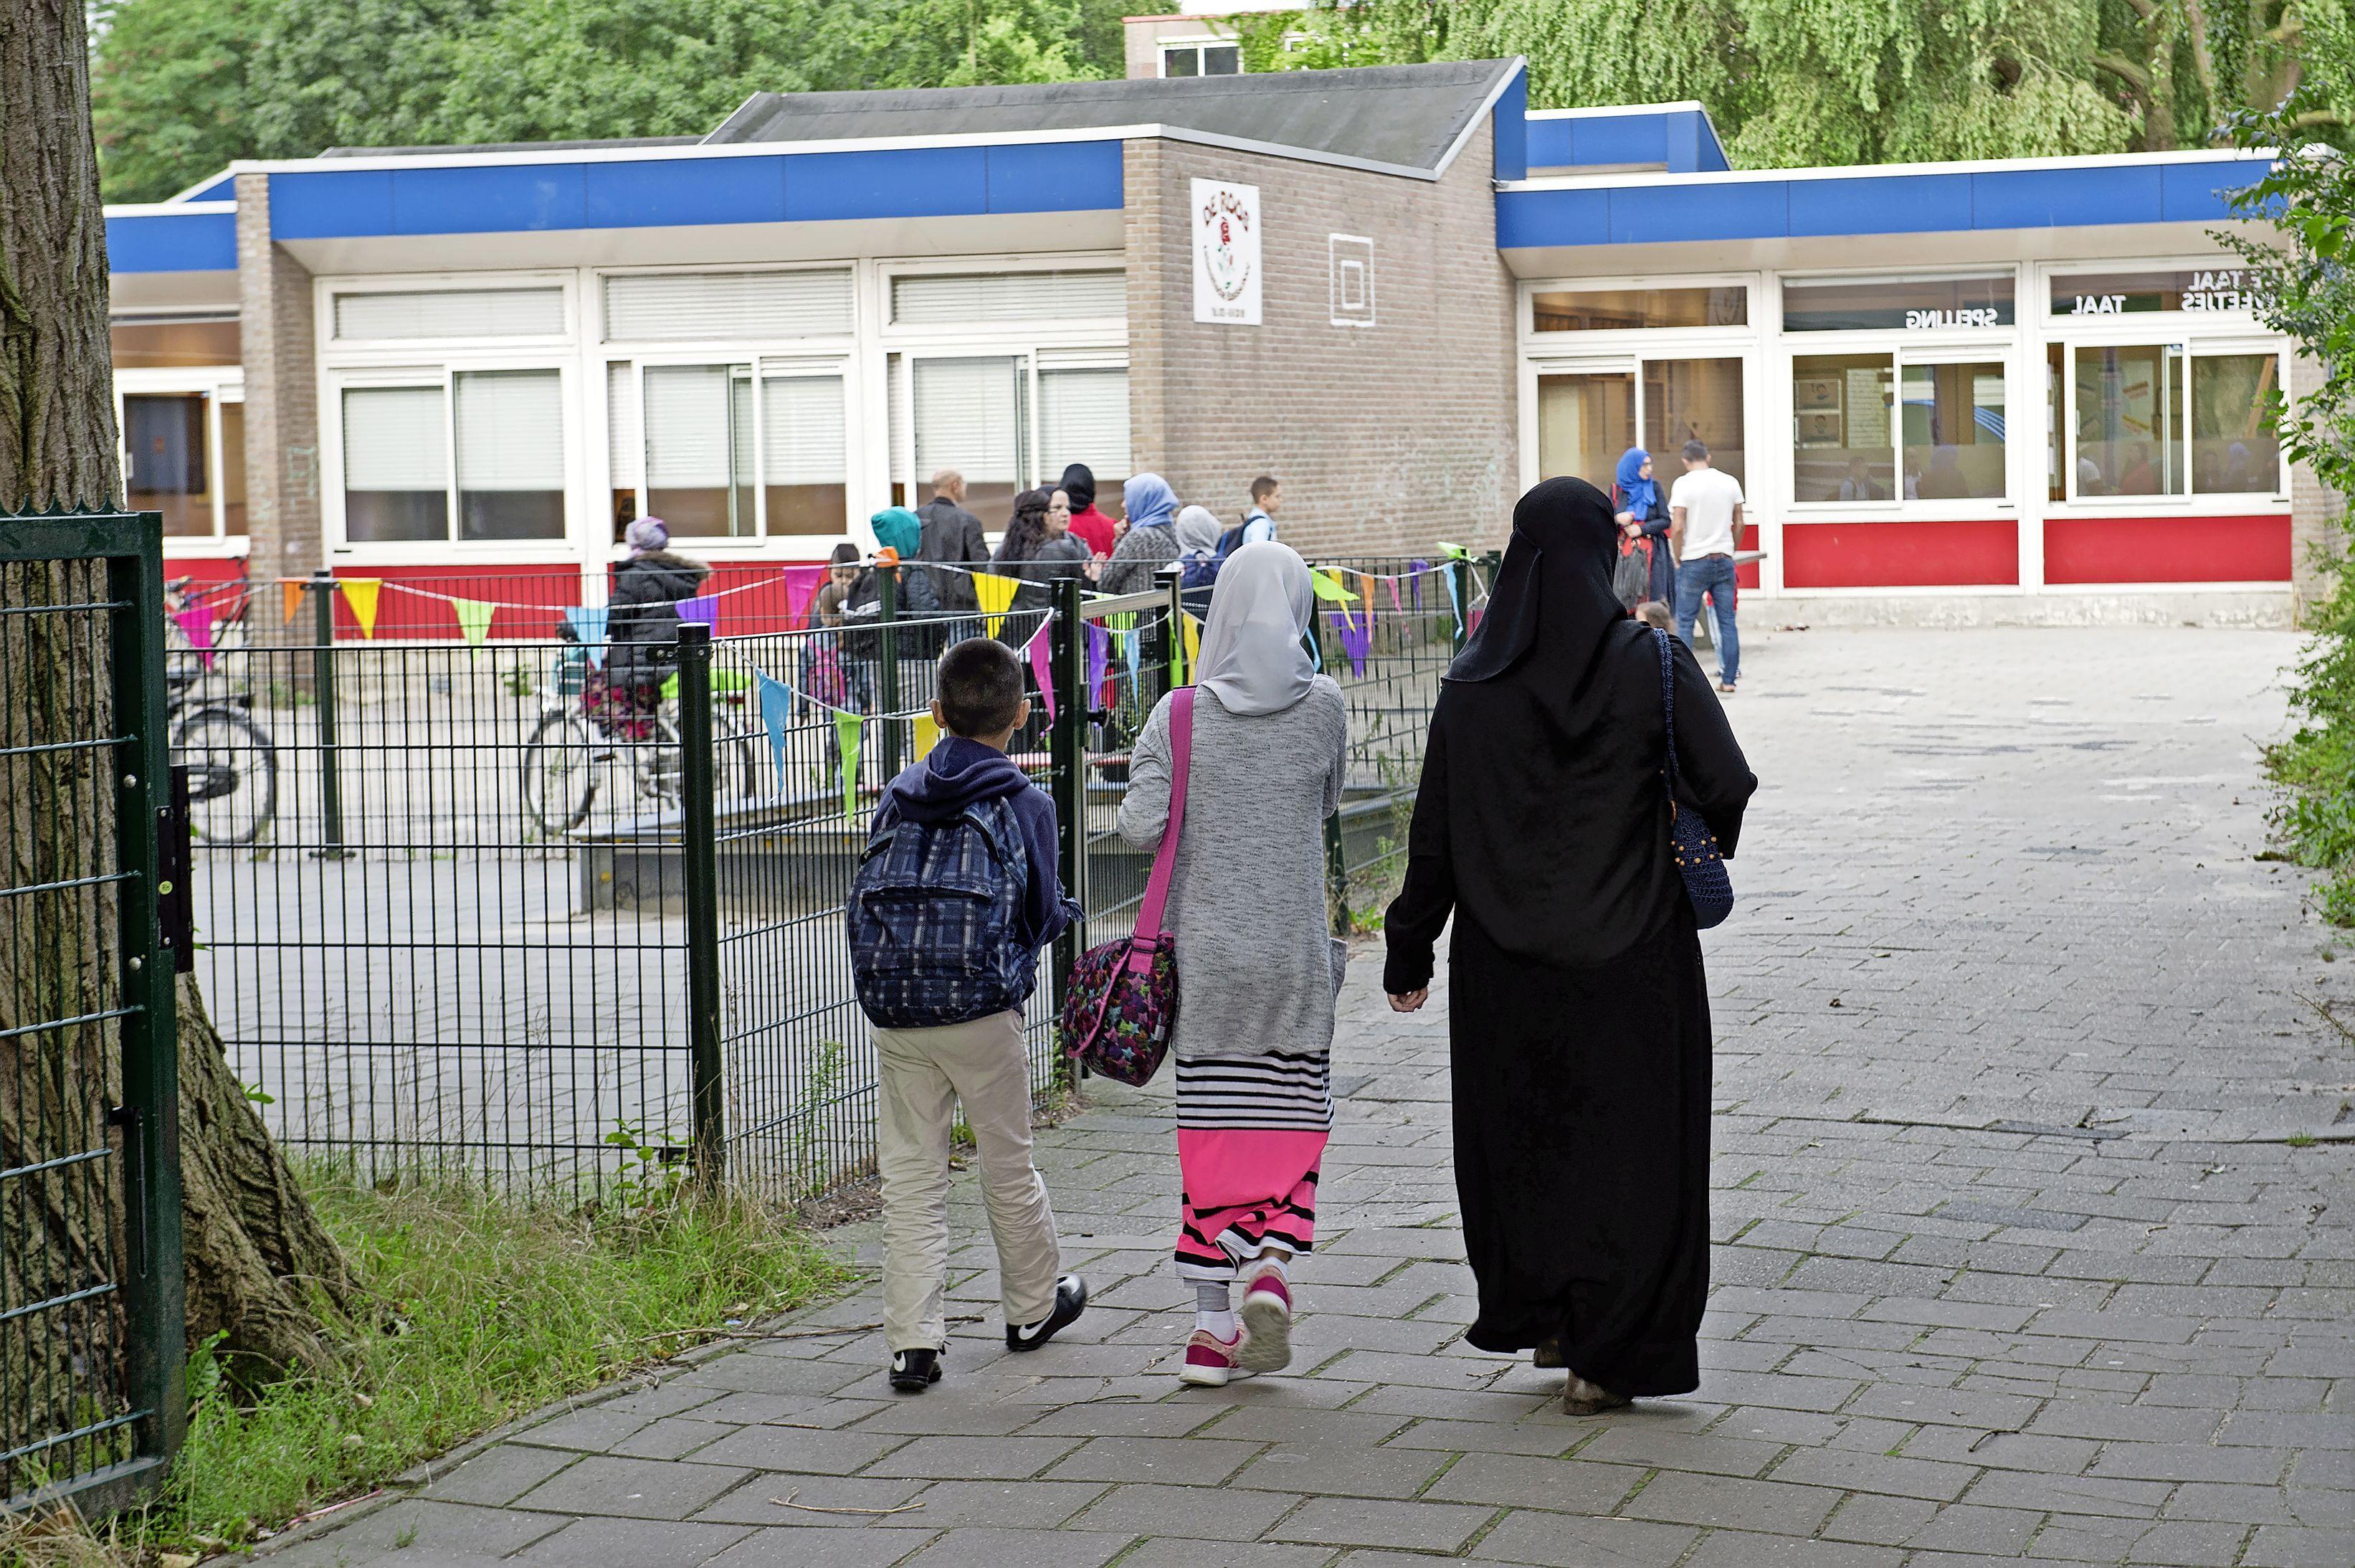 Tweede islamitische basisschool in Zaanstad opnieuw afgewezen. Niet levensvatbaar